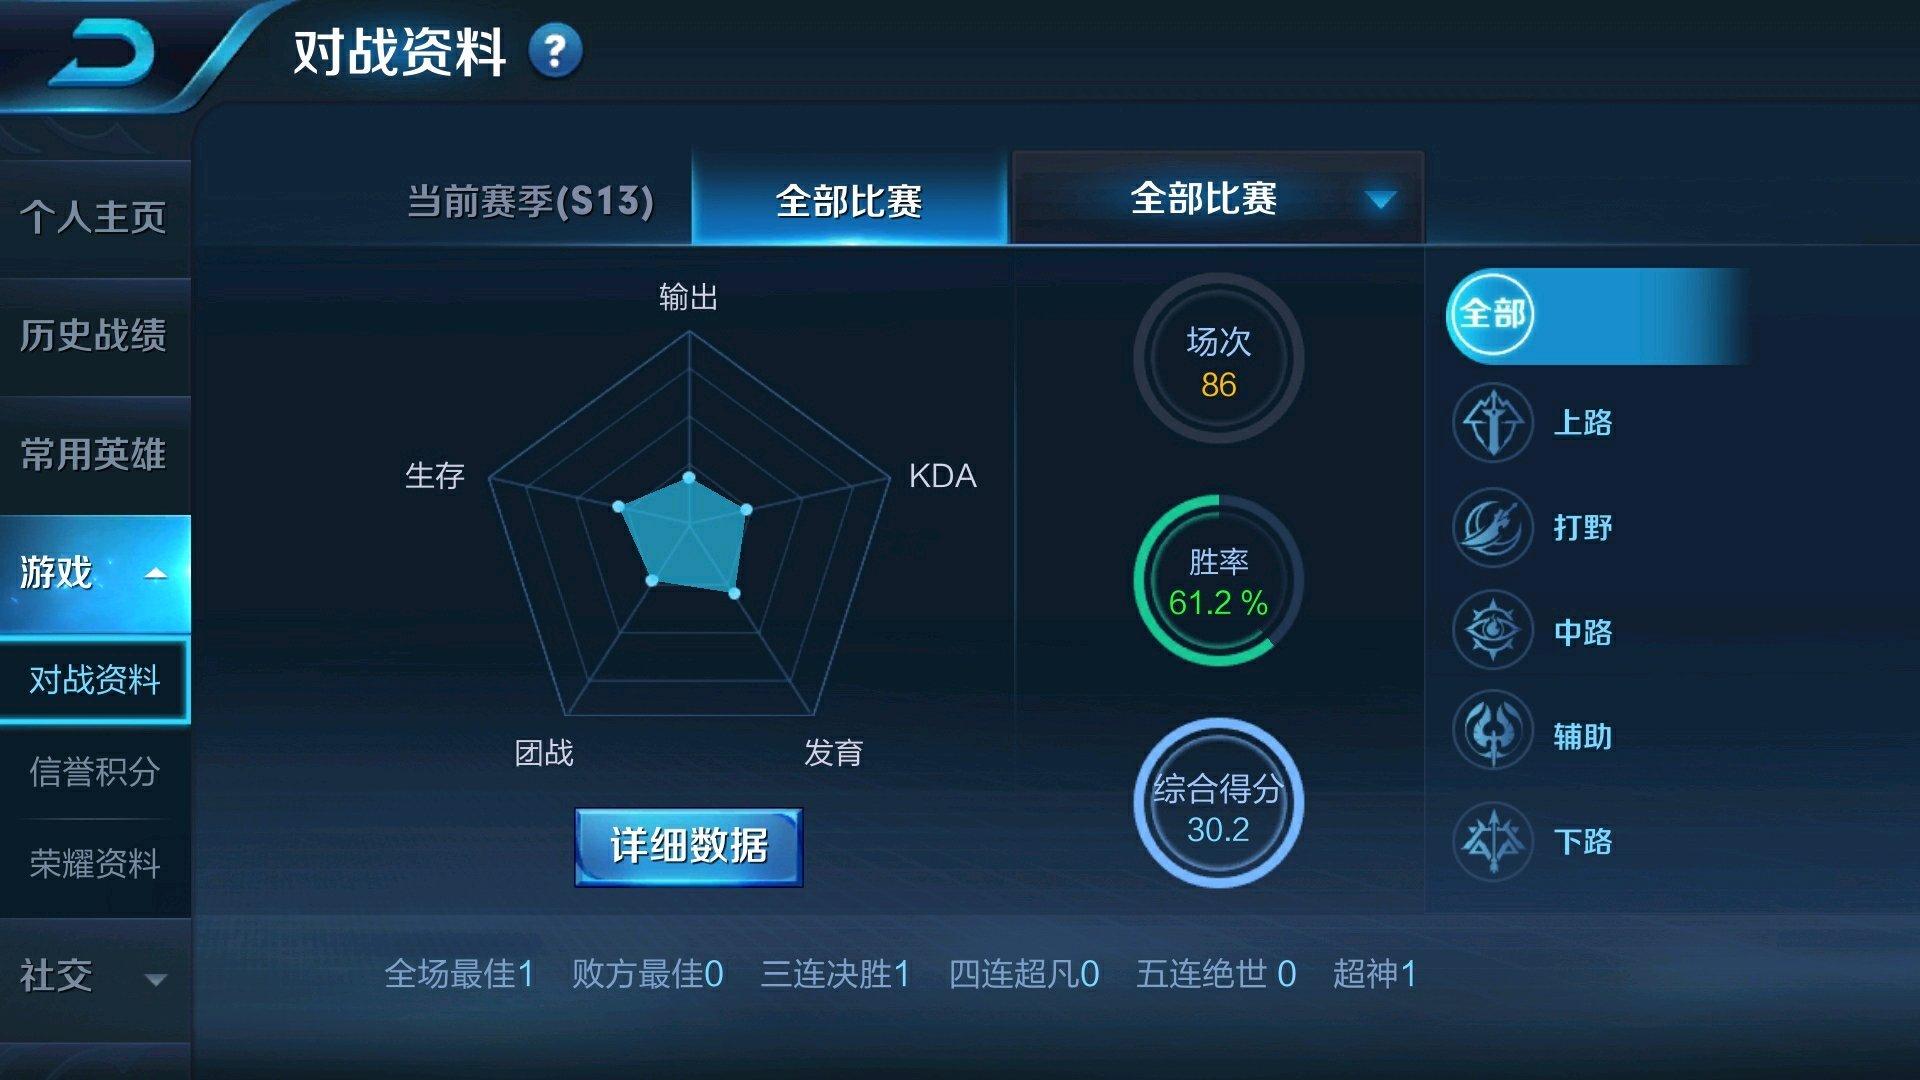 """王者荣耀:玩家意外发现""""天选之子"""",单排战绩辣眼,胜率逆天!_比赛 游戏电竞 第4张"""